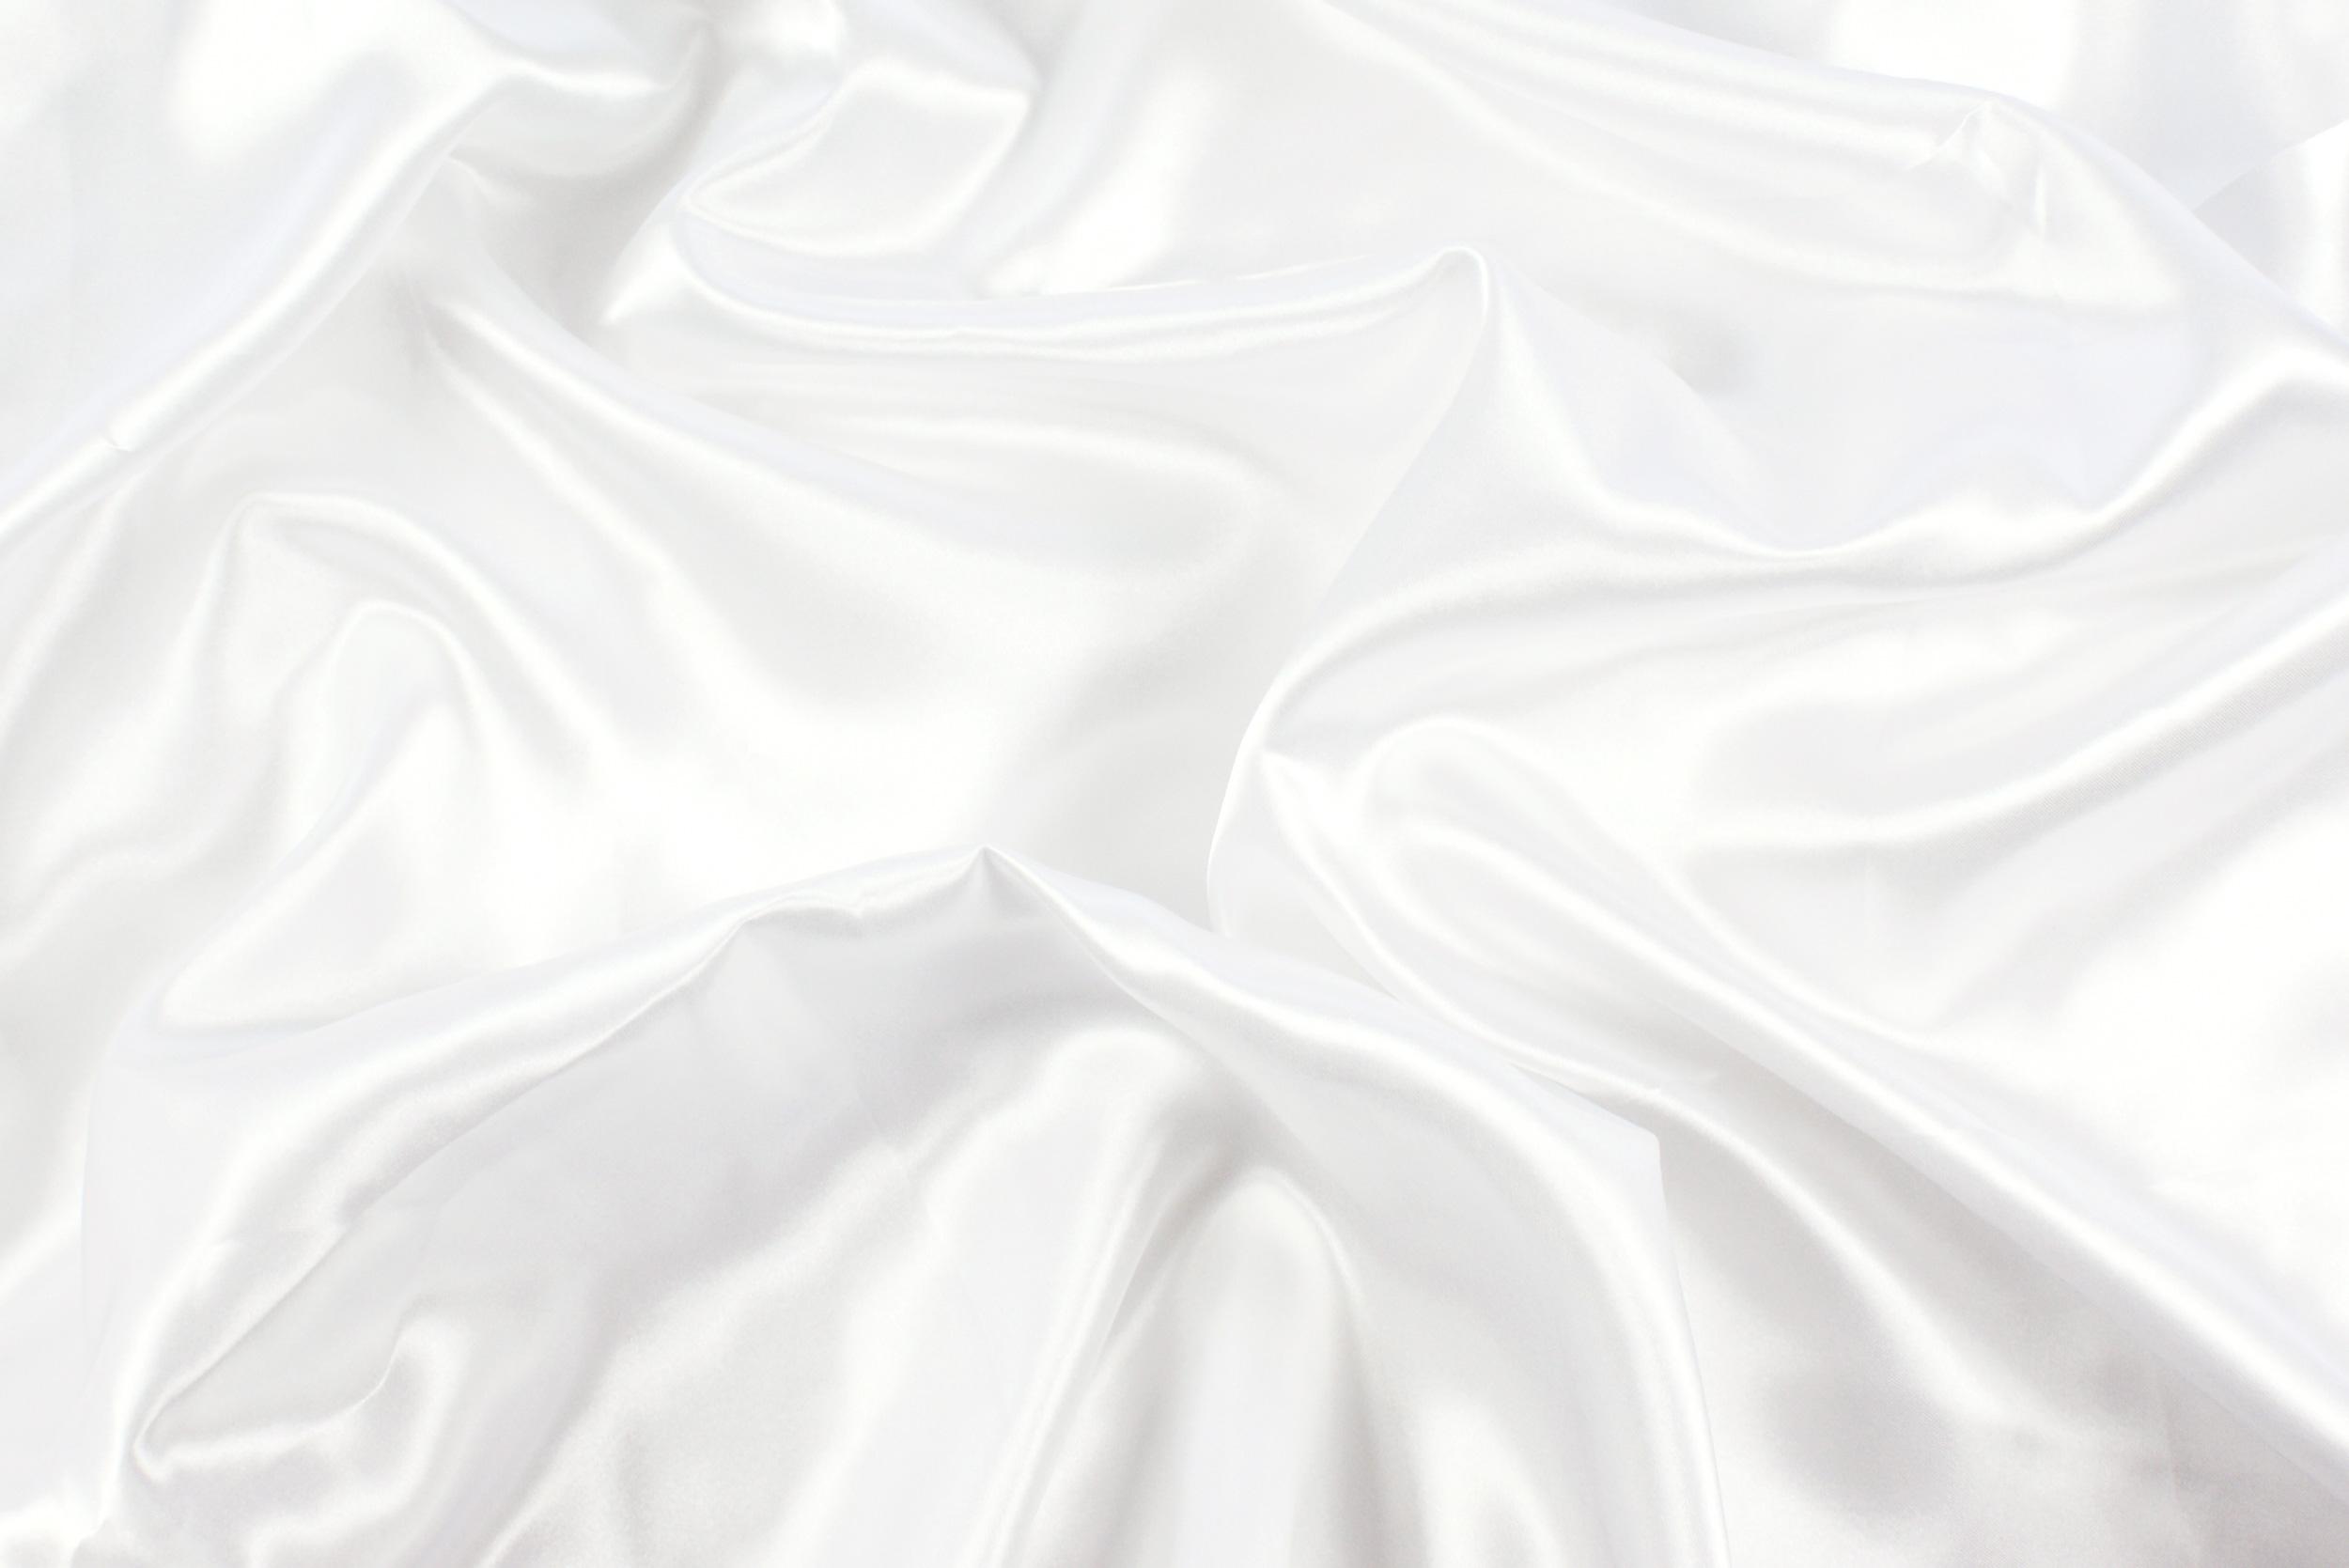 Фото текстура шелк белого цвета на текстильной простыне